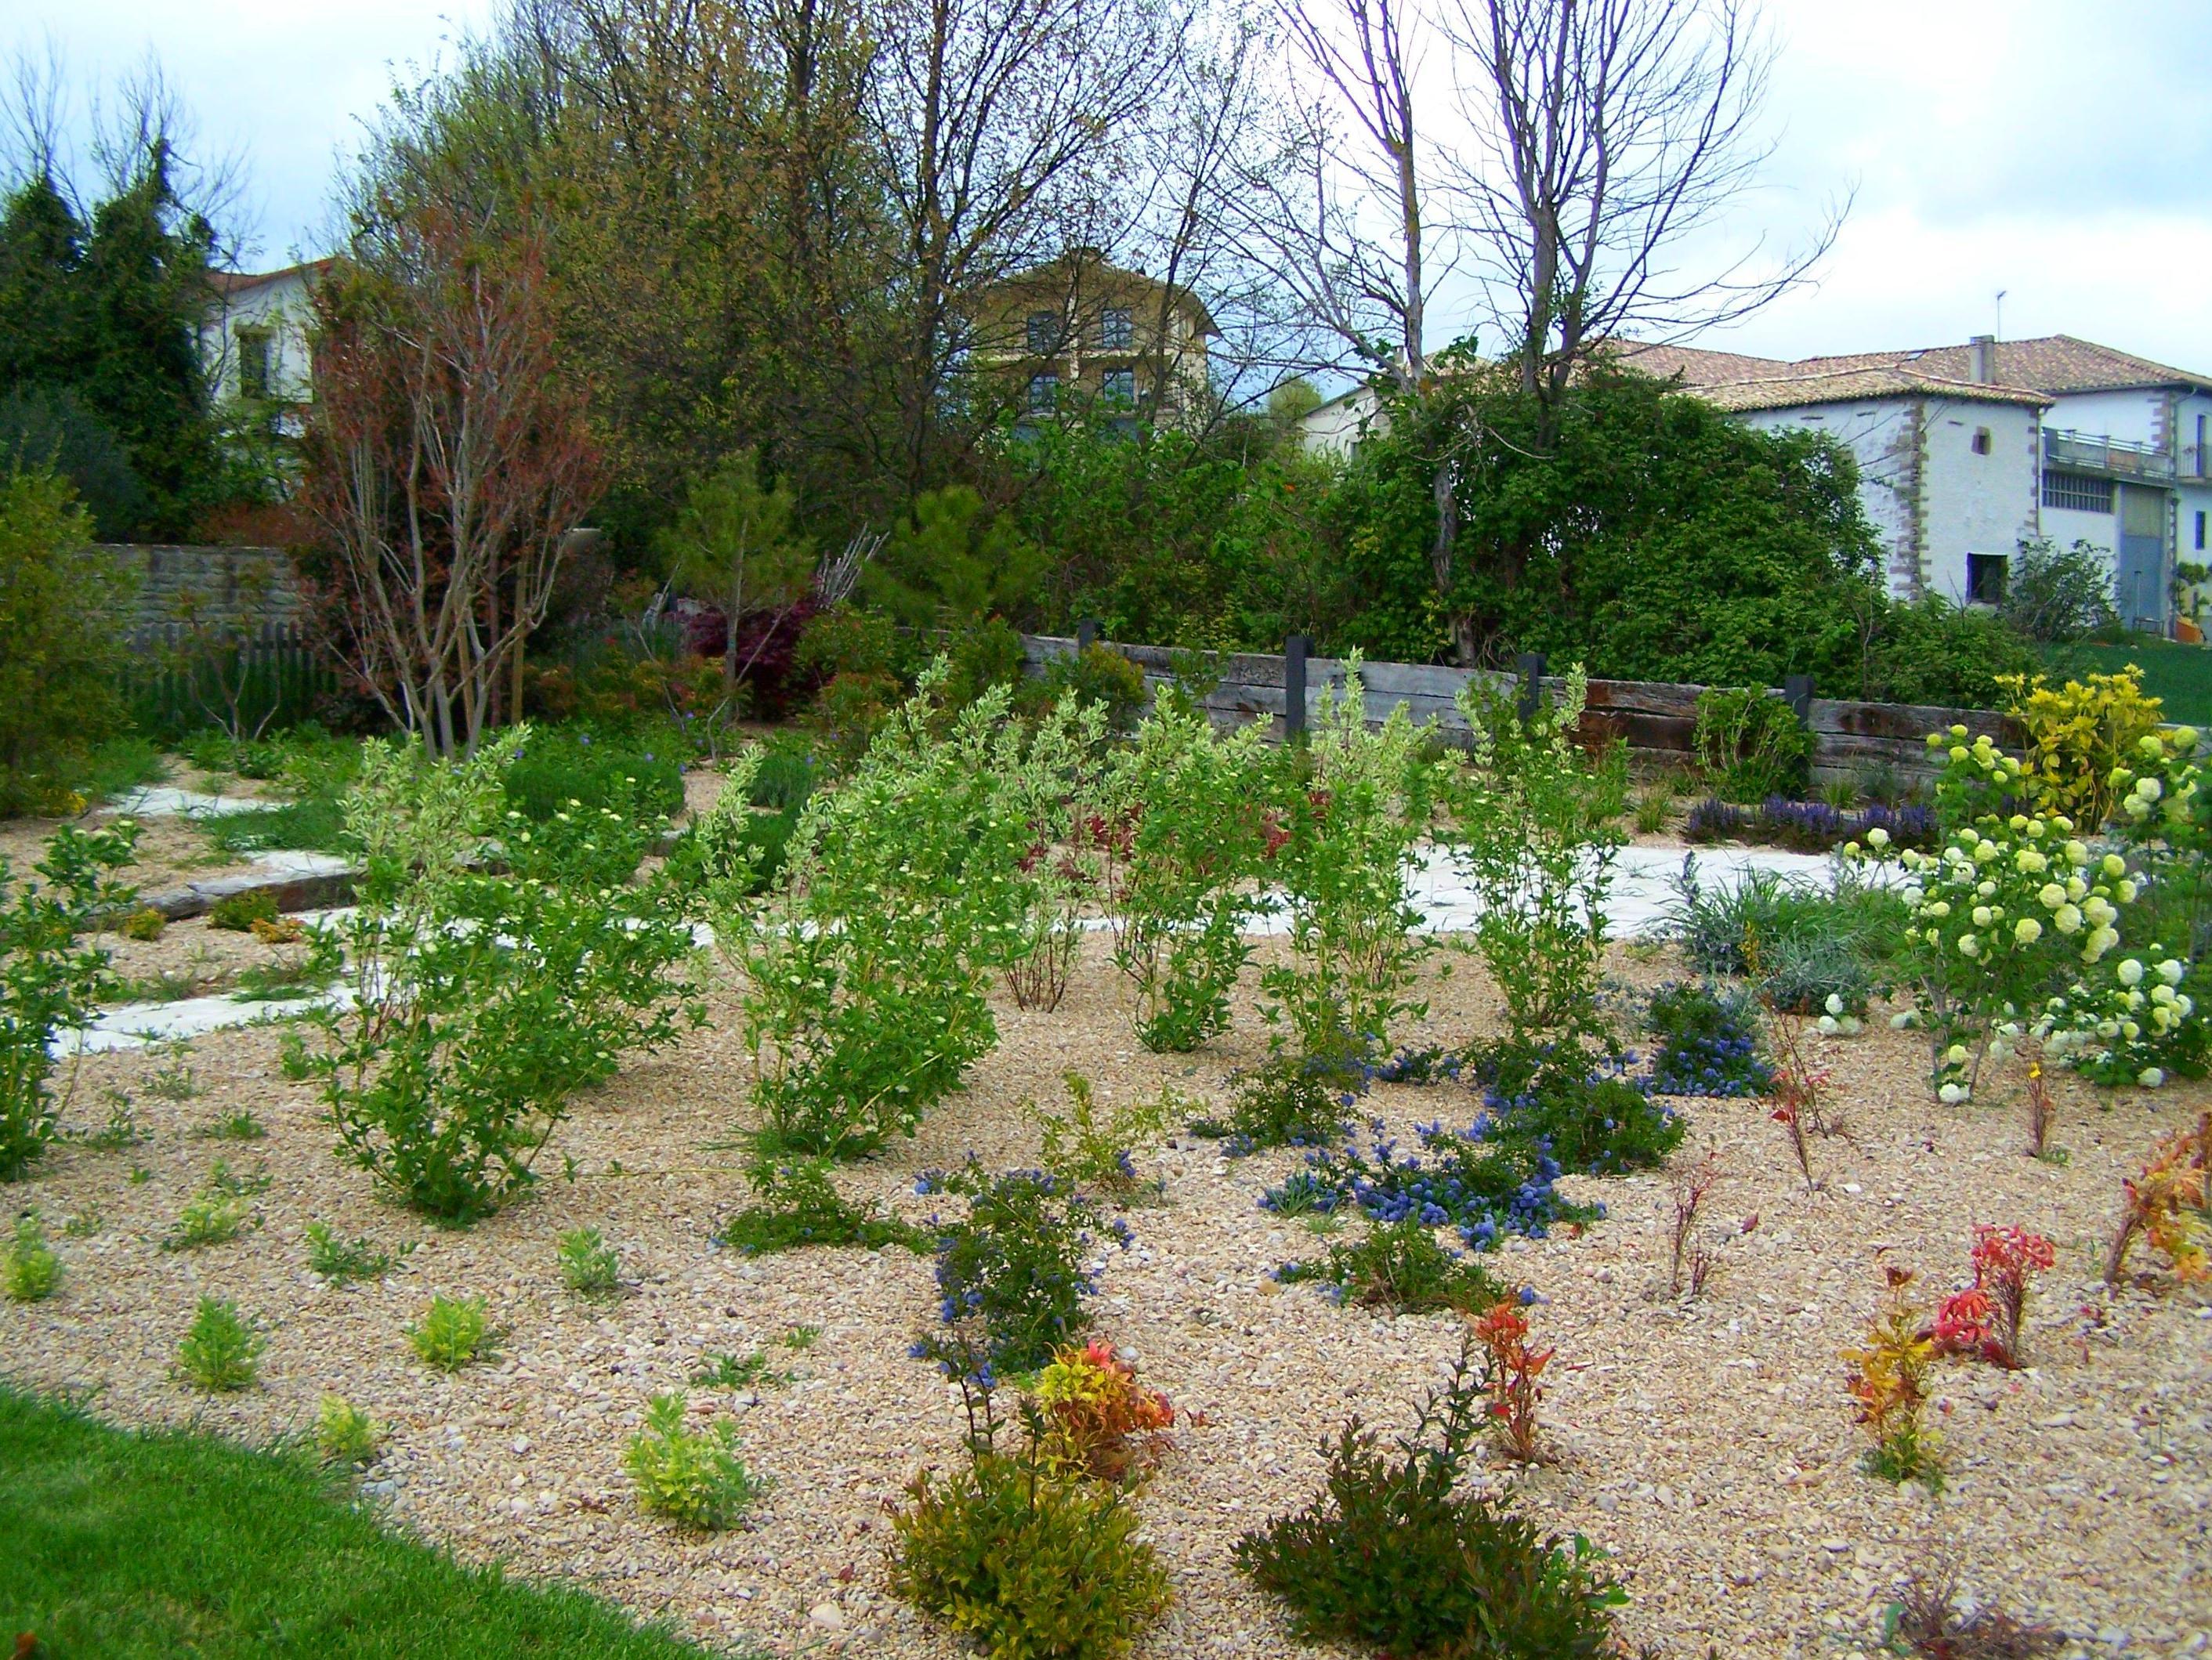 Ajardinamiento vivienda. Evolución plantas arbustos tapizantes con áridos.